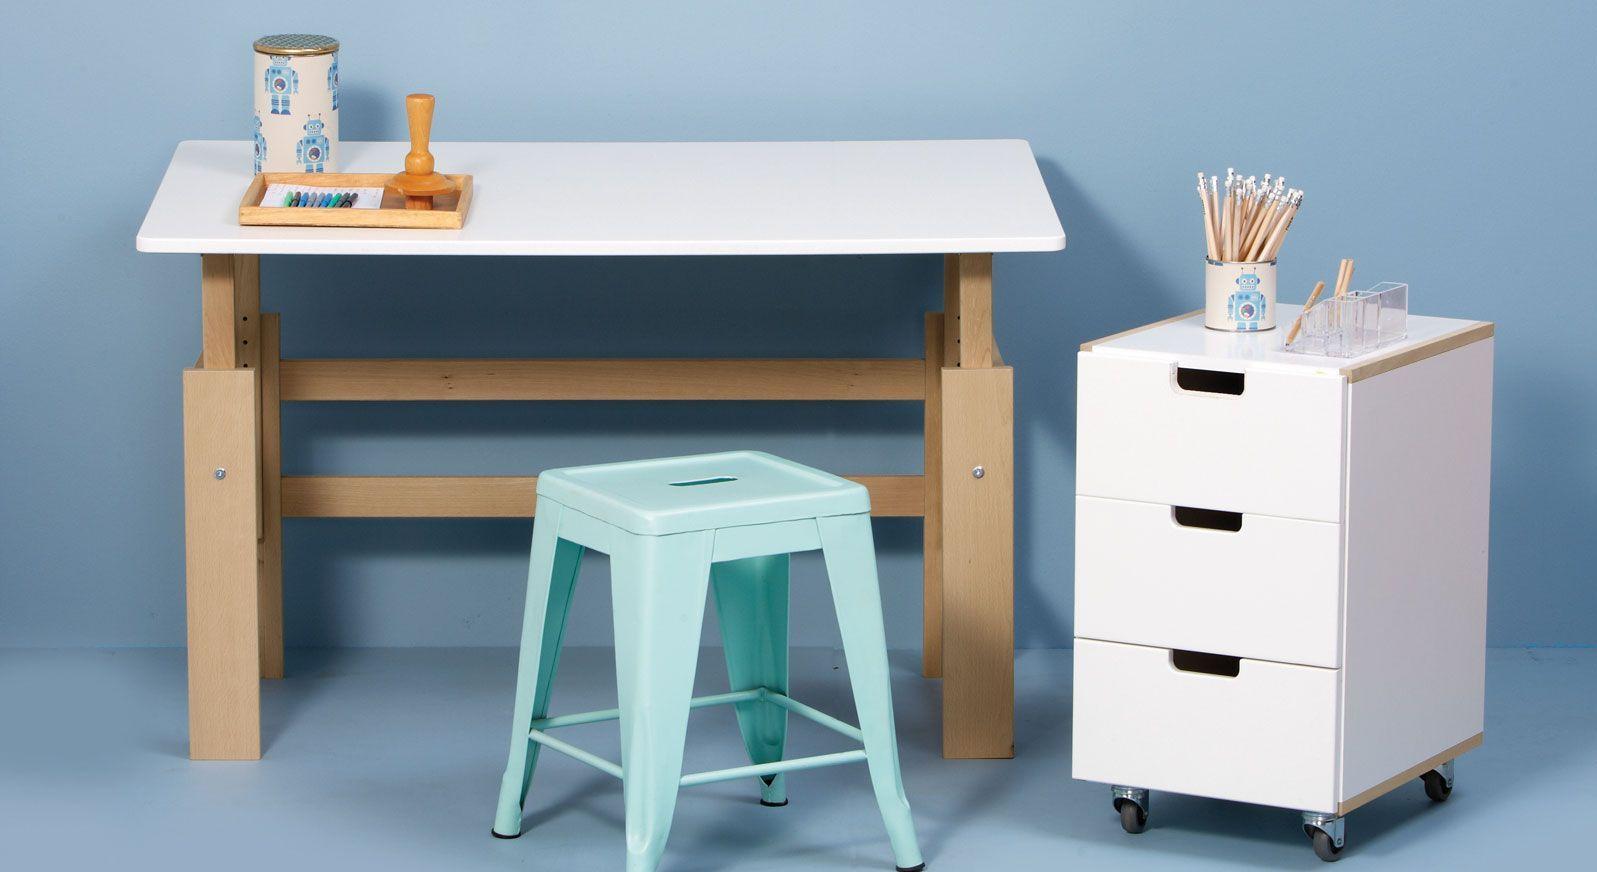 Höhenverstellbarer Schreibtisch Kids Town in Buche natur und MDF weiß